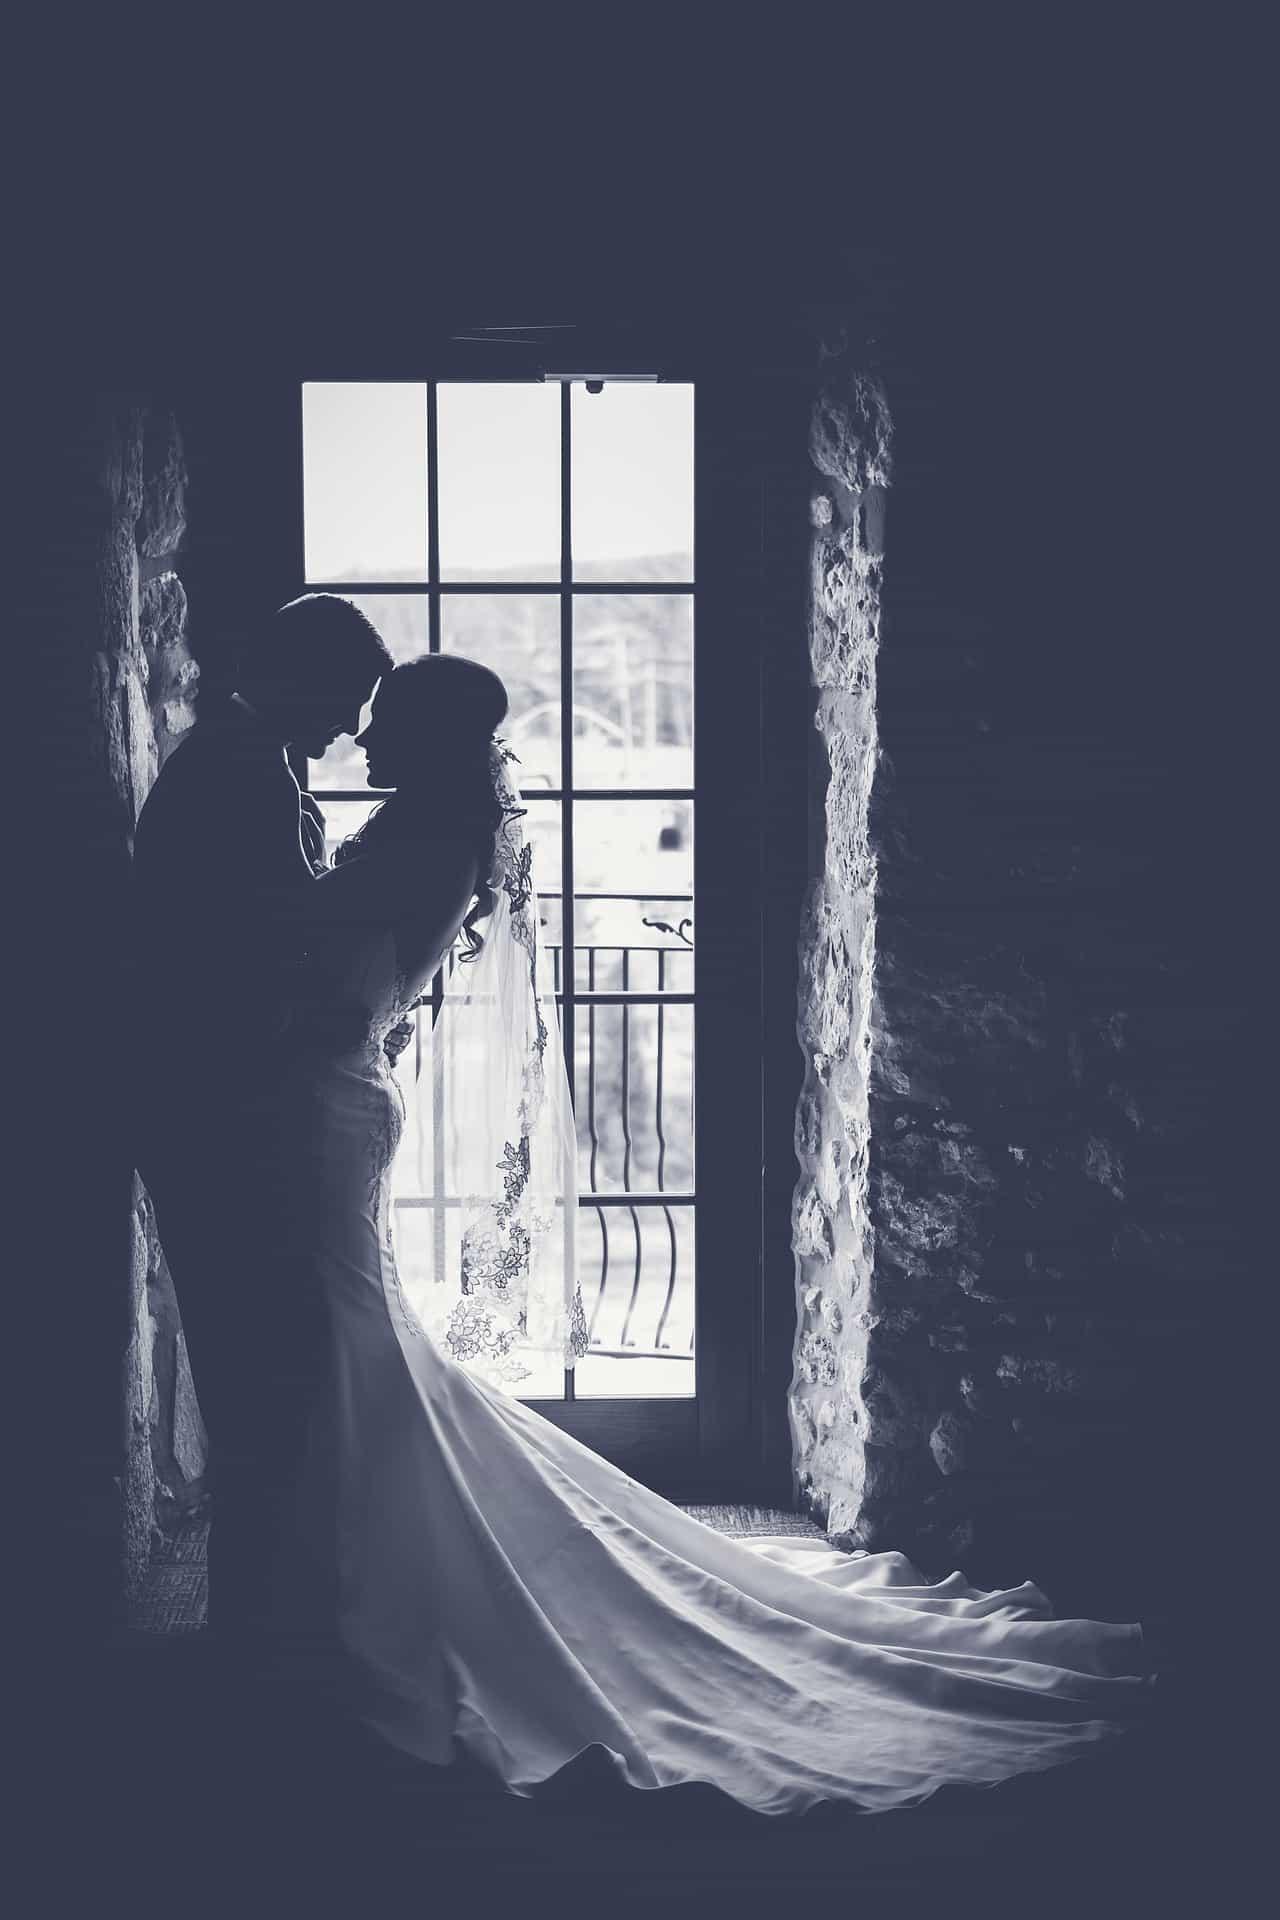 bride-1850074_1920